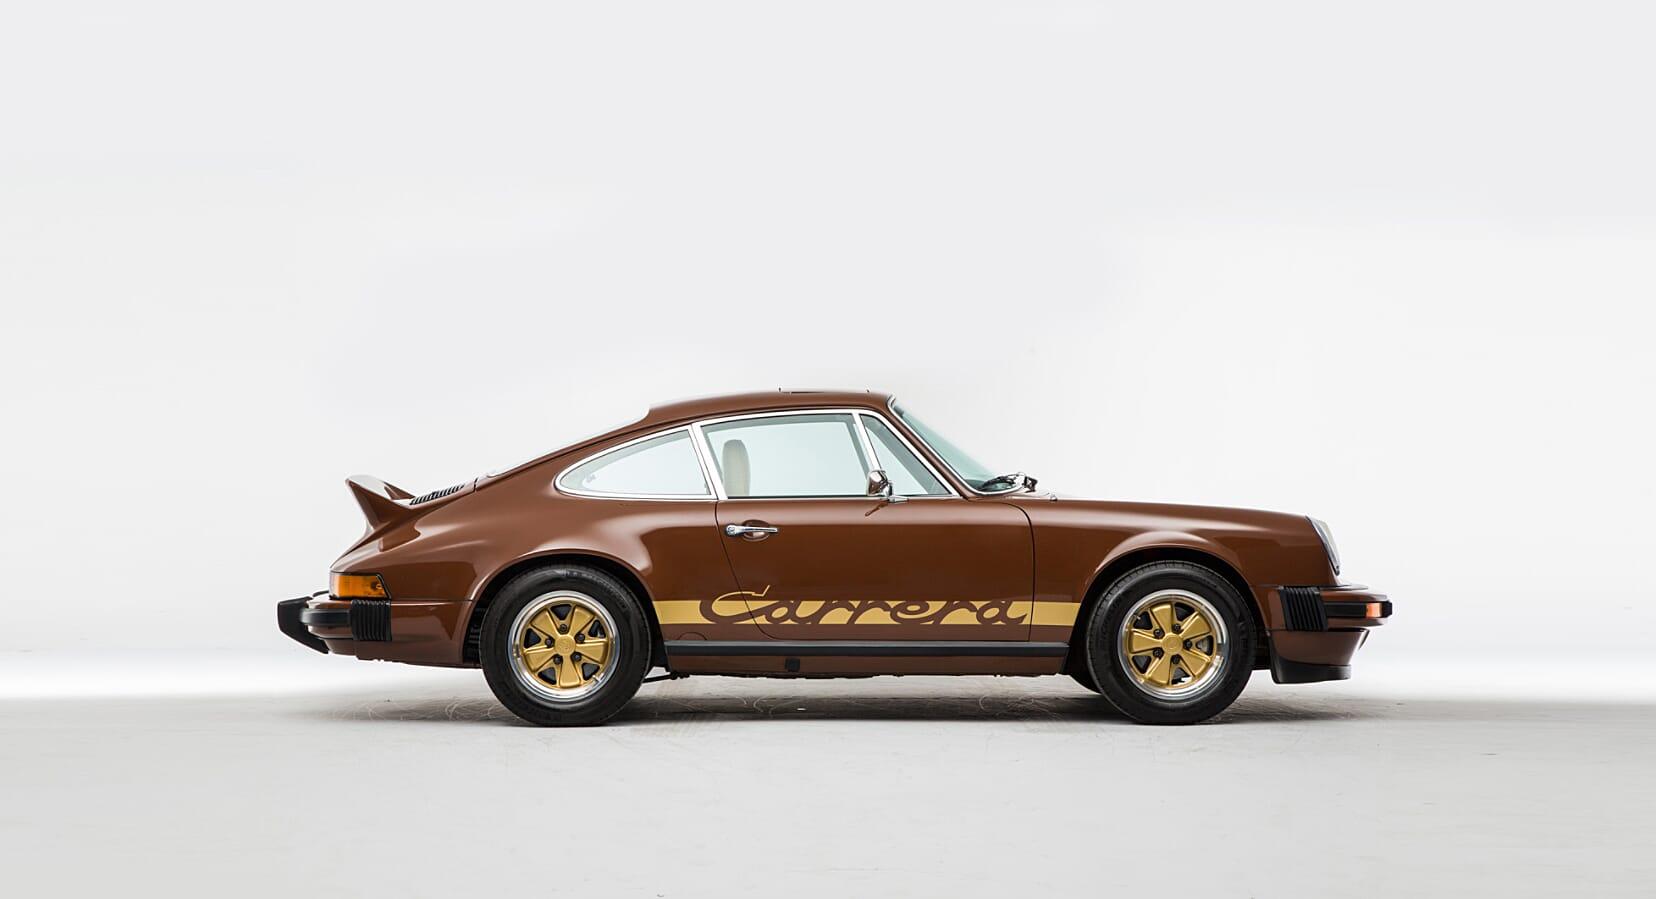 Classic Car Find of The Week: The Porsche 911 Carrera 2.7 MFI